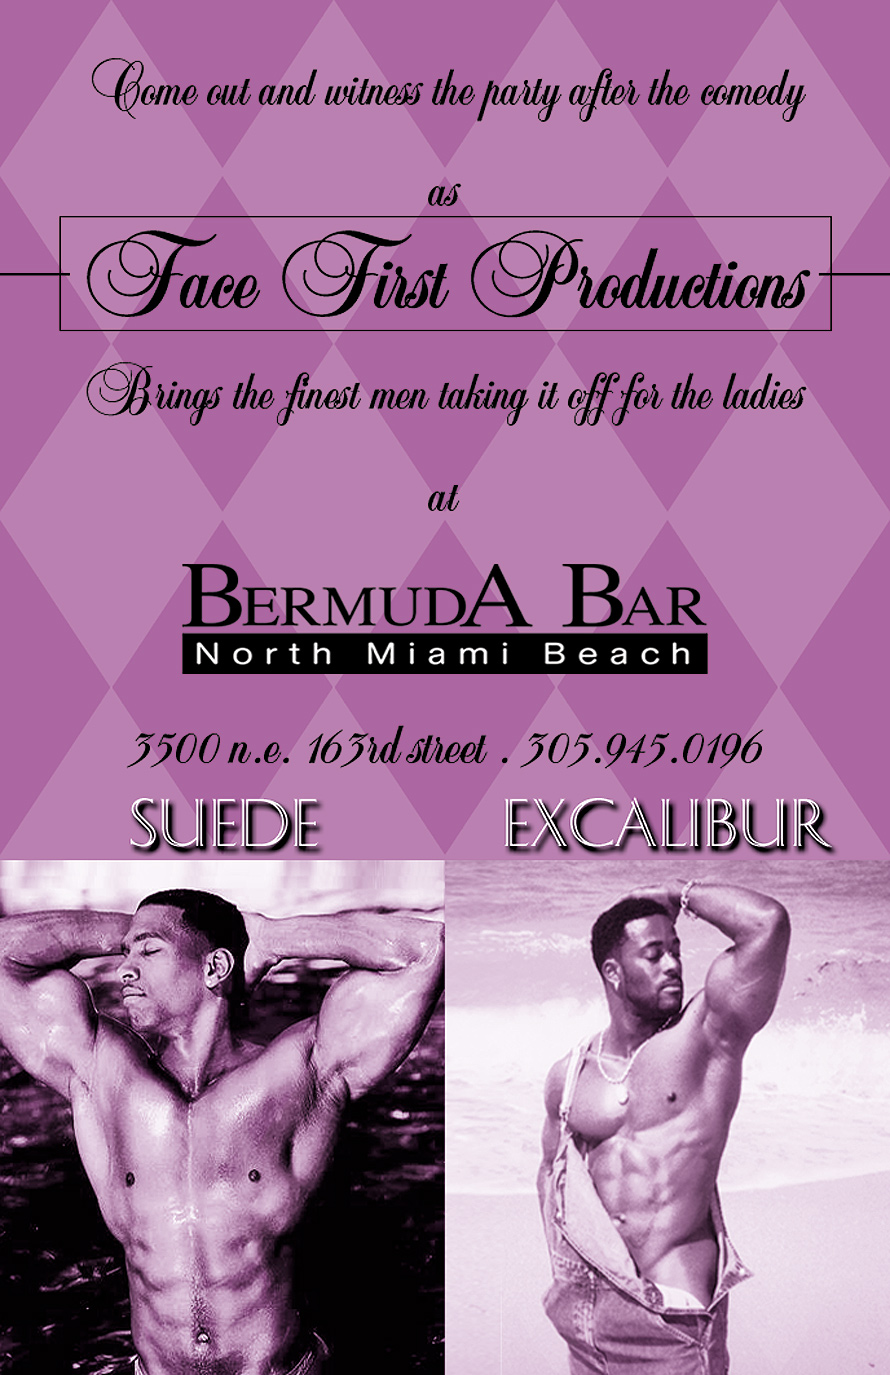 Comedy Night at Bermuda Bar